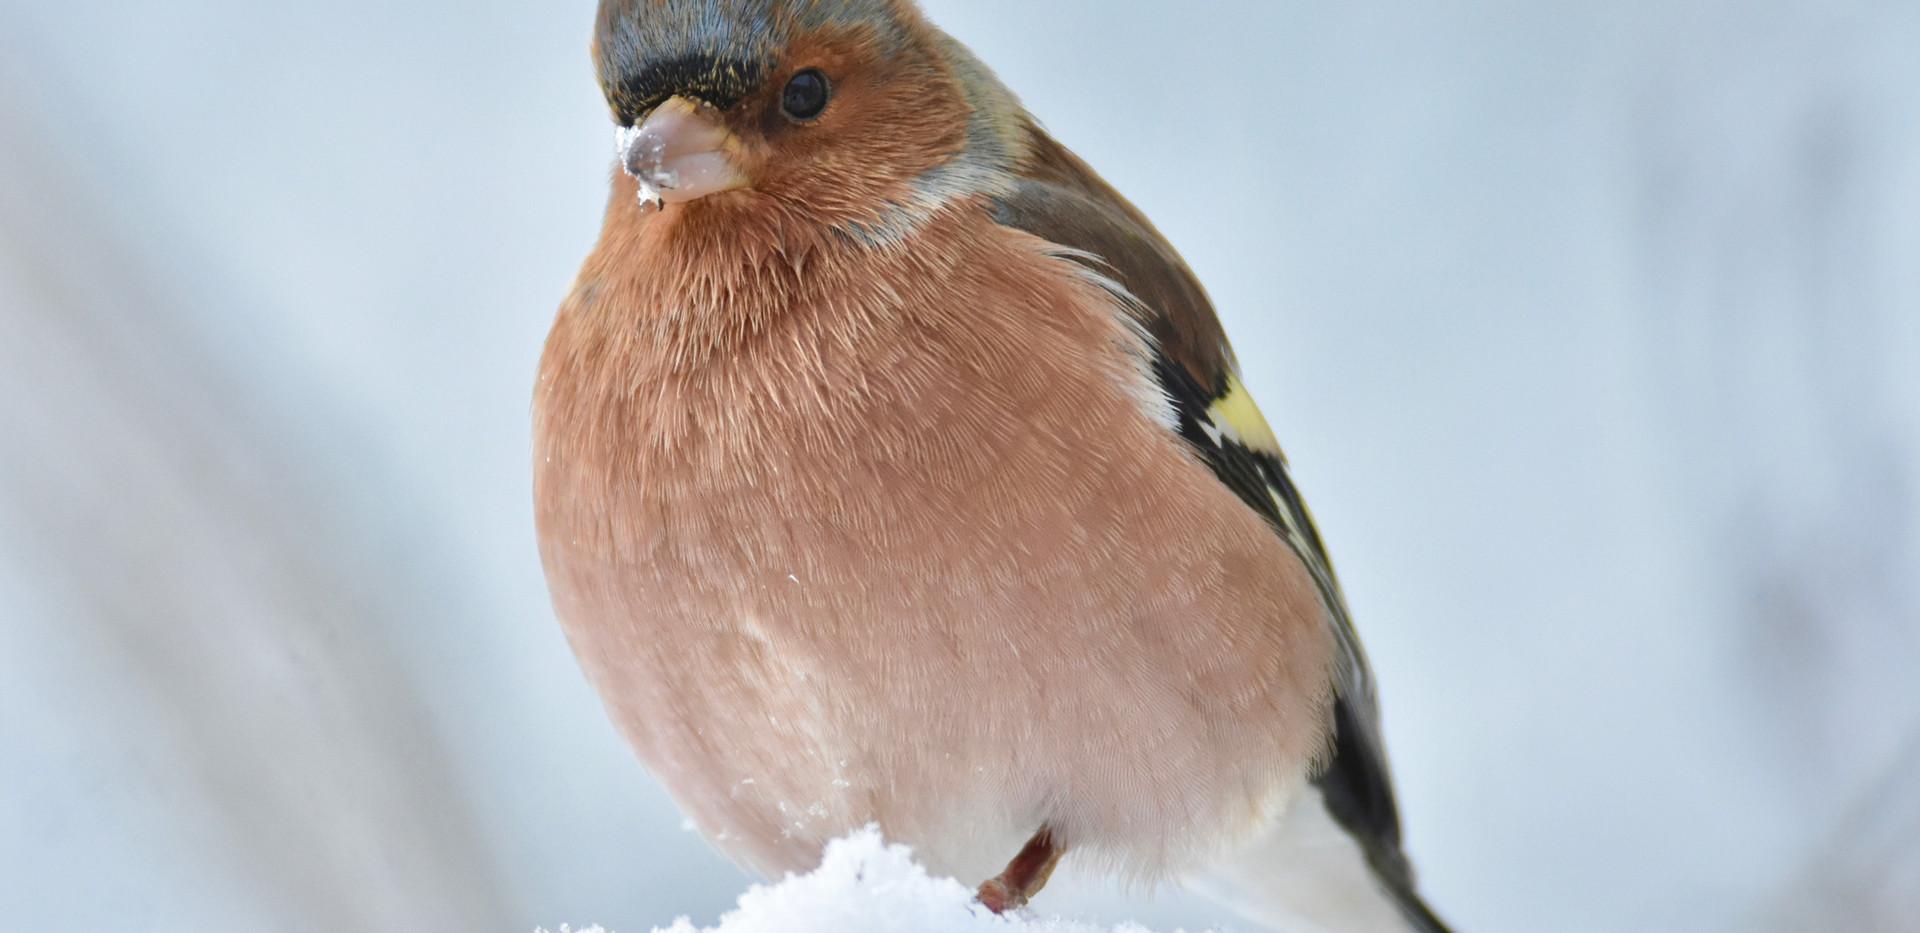 Snowy Chaffinch